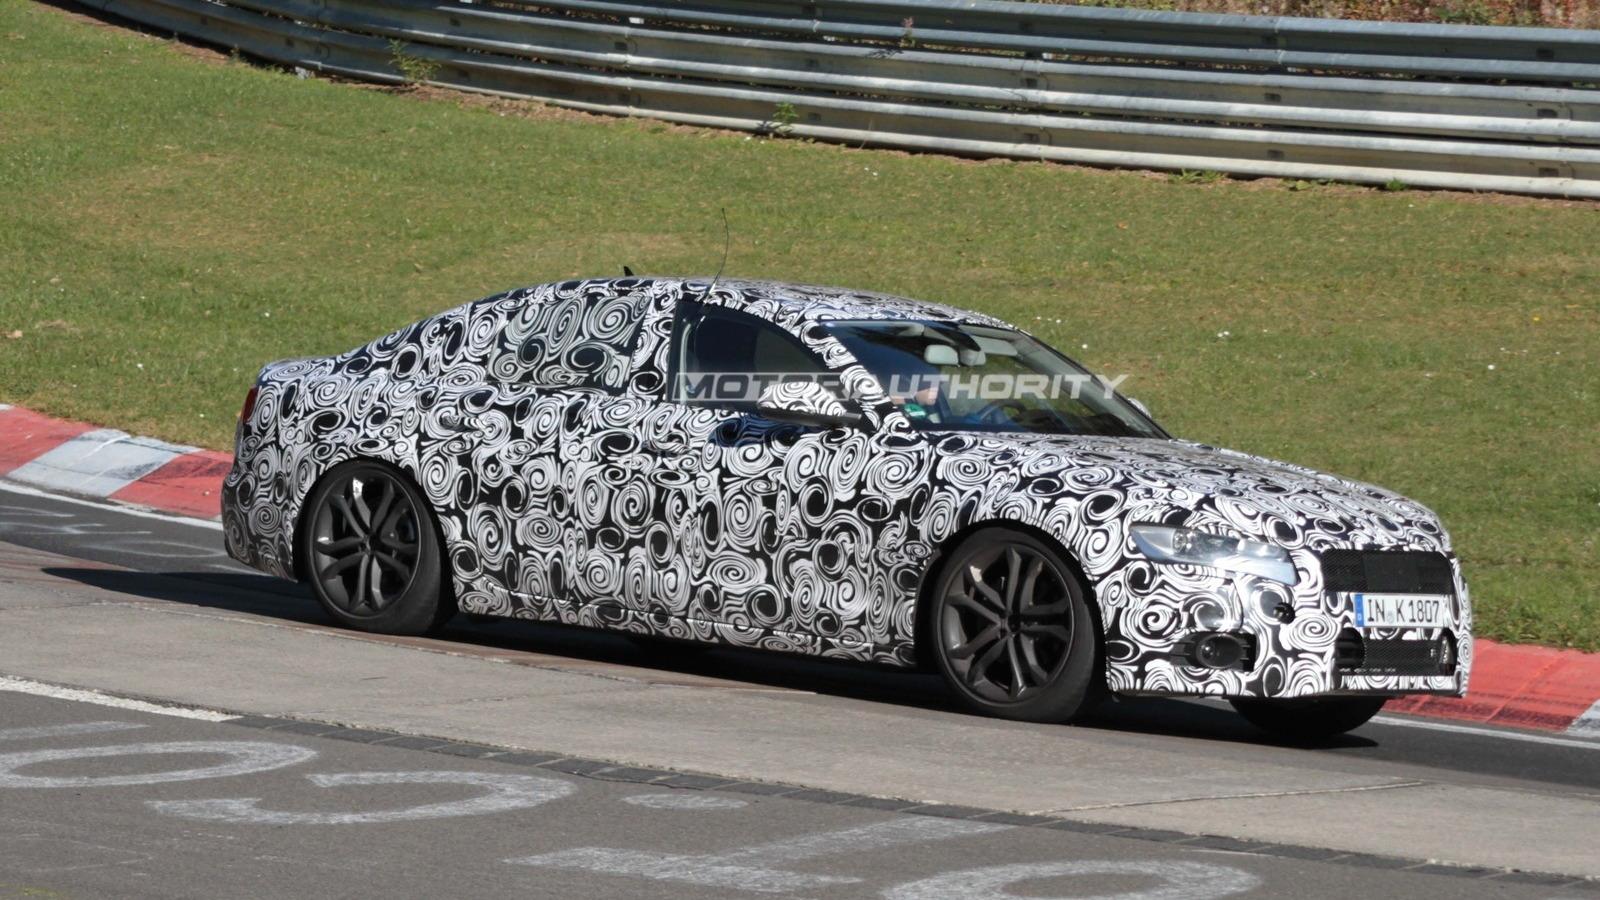 2012 Audi A6 spy shots